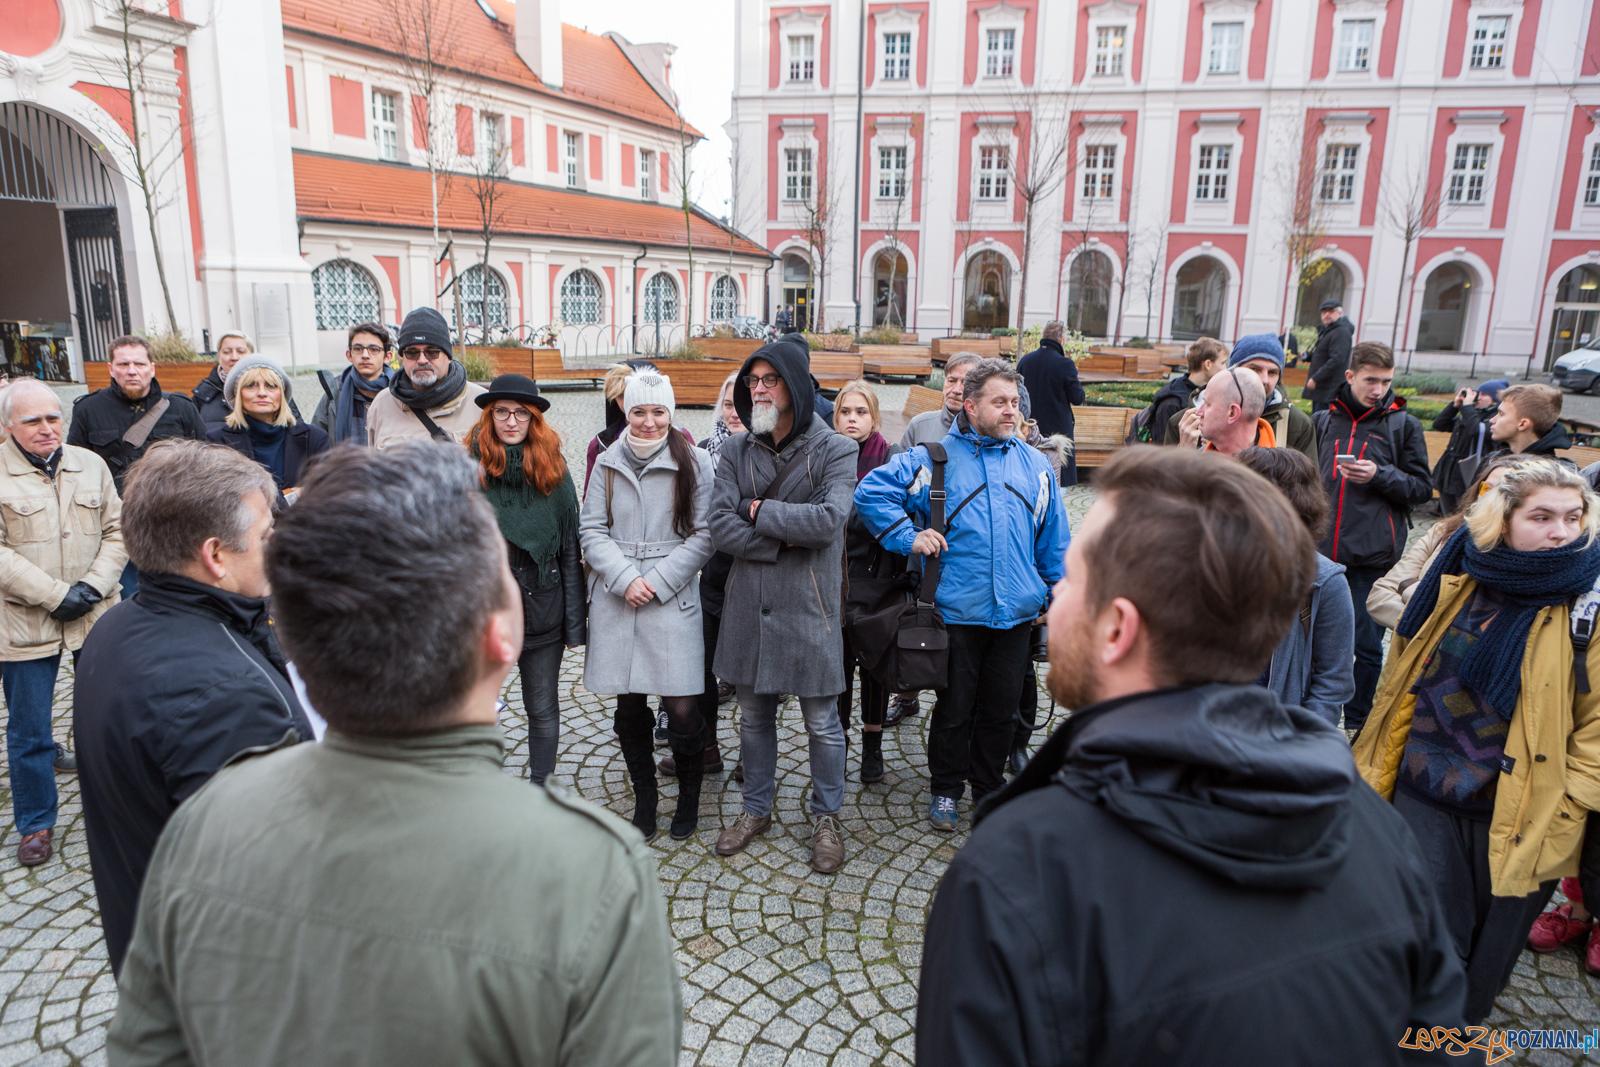 """Wystawa nagrodzonych prac w konkurcie """"Poznaj Poznań. Cooltura"""" - Poznań 23.11.2017 r.  Foto: LepszyPOZNAN.pl / Paweł Rychter"""